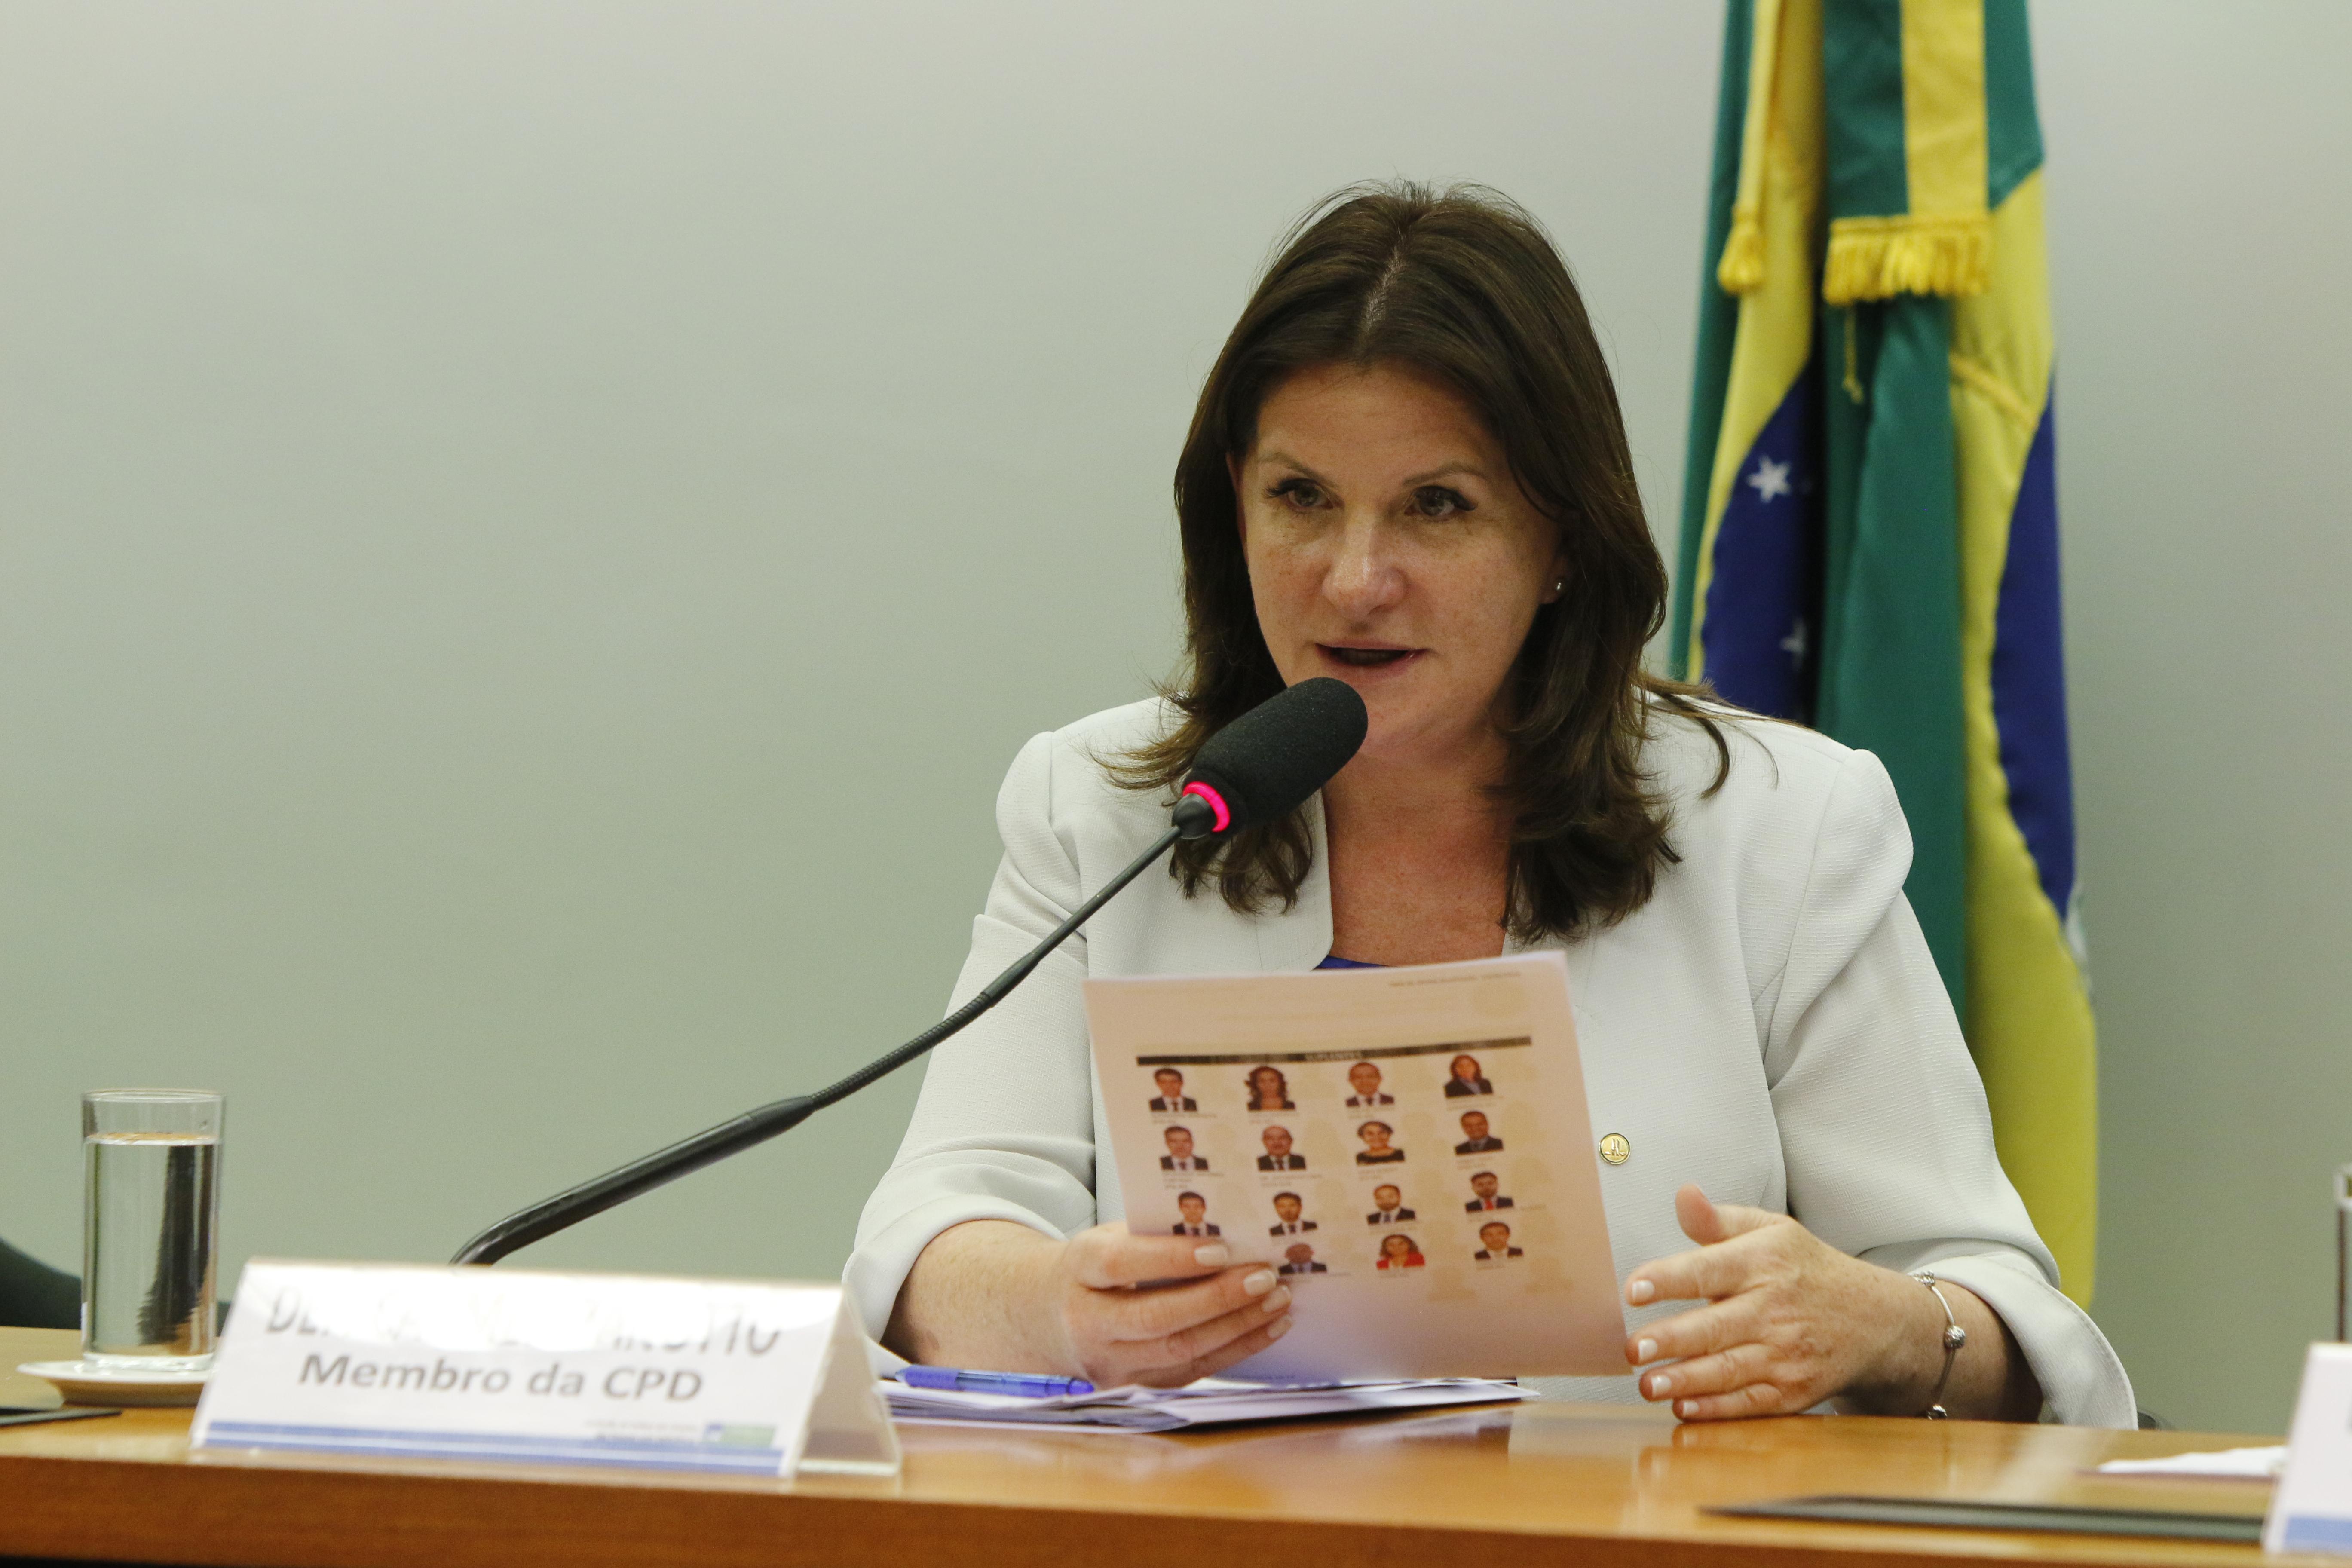 Carmen Zanotto diz que revisão da tabela poderá melhorar atendimento no SUS